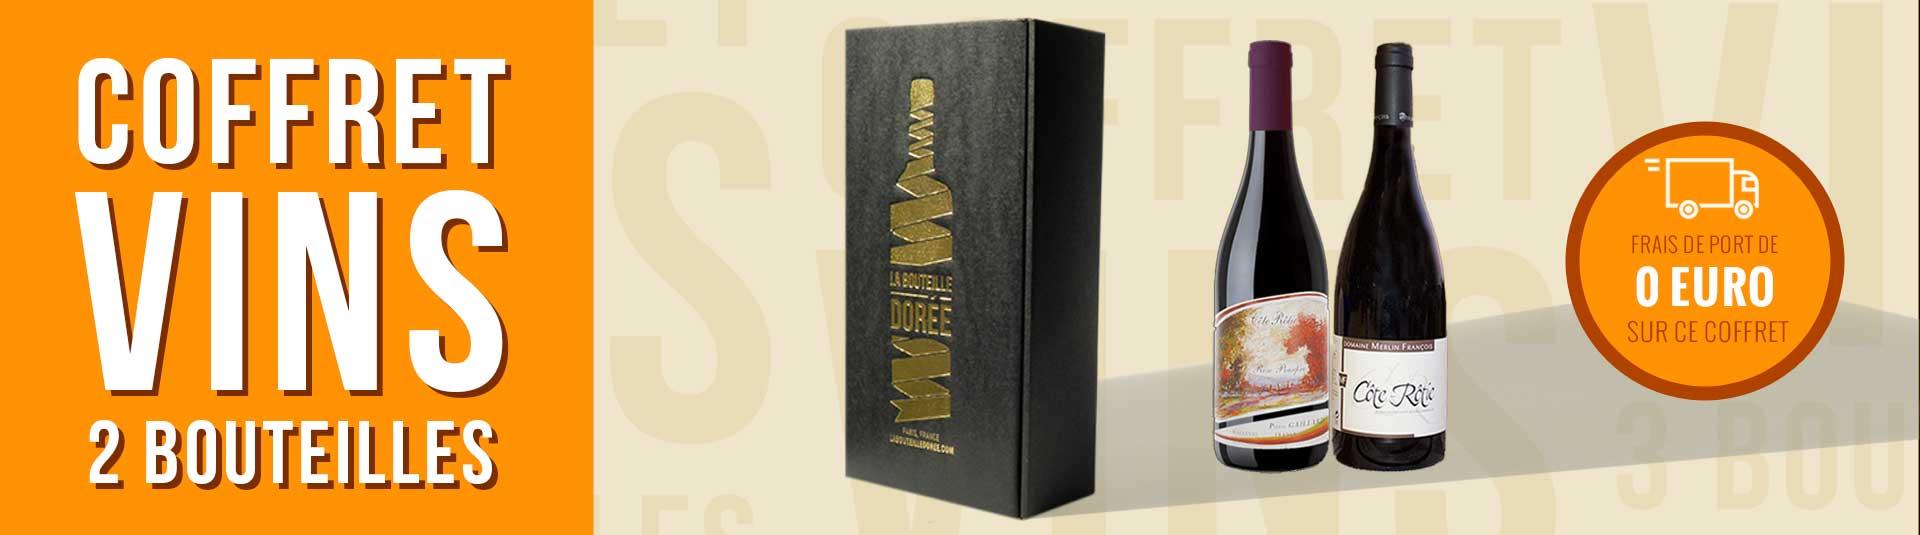 Coffret vin Côte-Rôtie Découverte